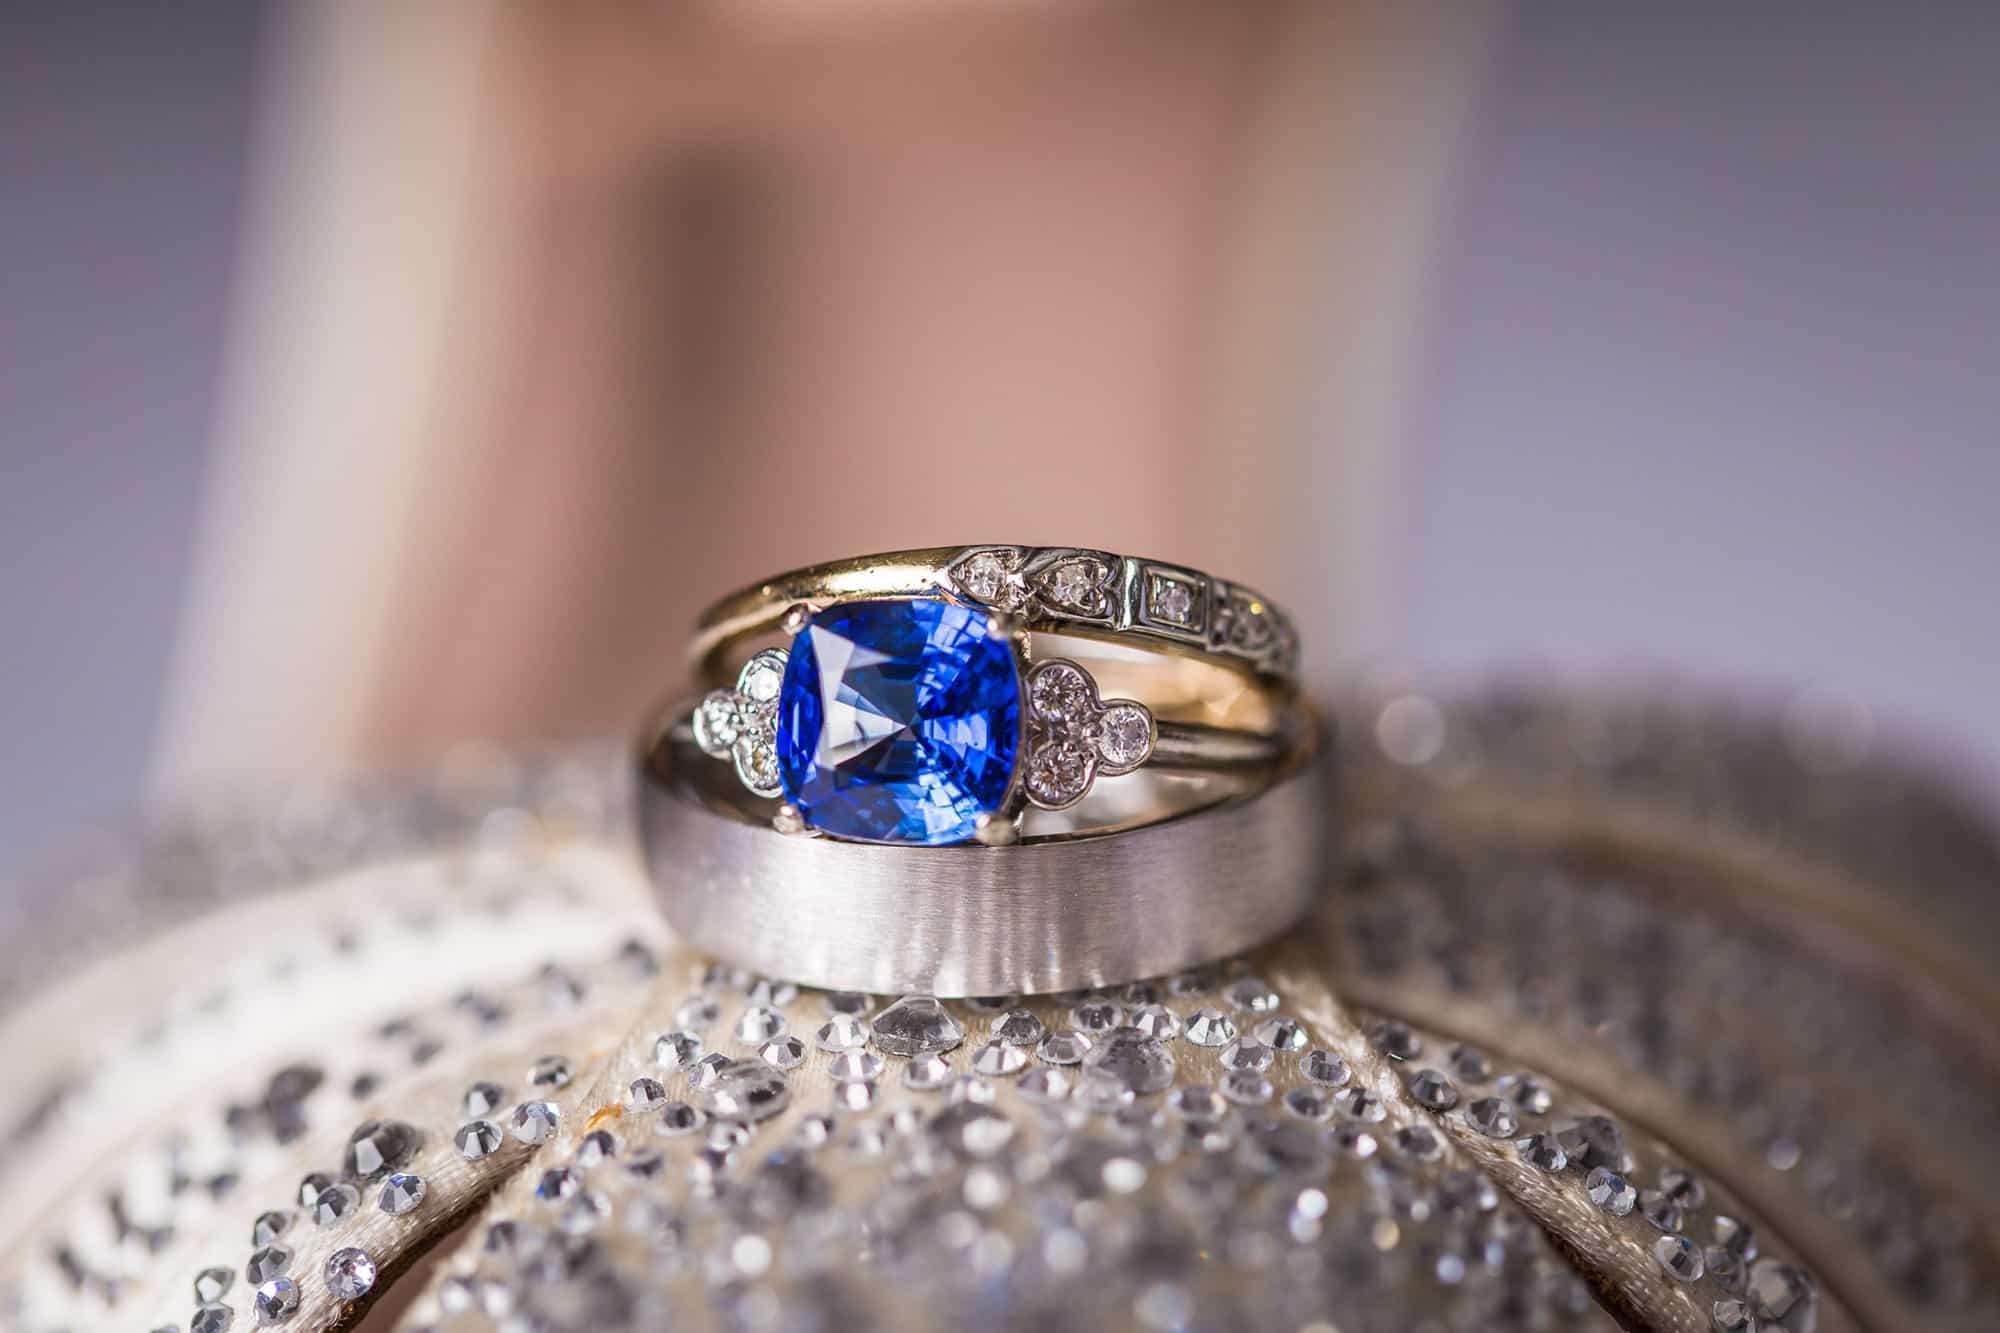 بالصور تفسير حلم الخاتم الذهب للمتزوجة , لبس الخاتم الدهب فى الحلم 5940 2